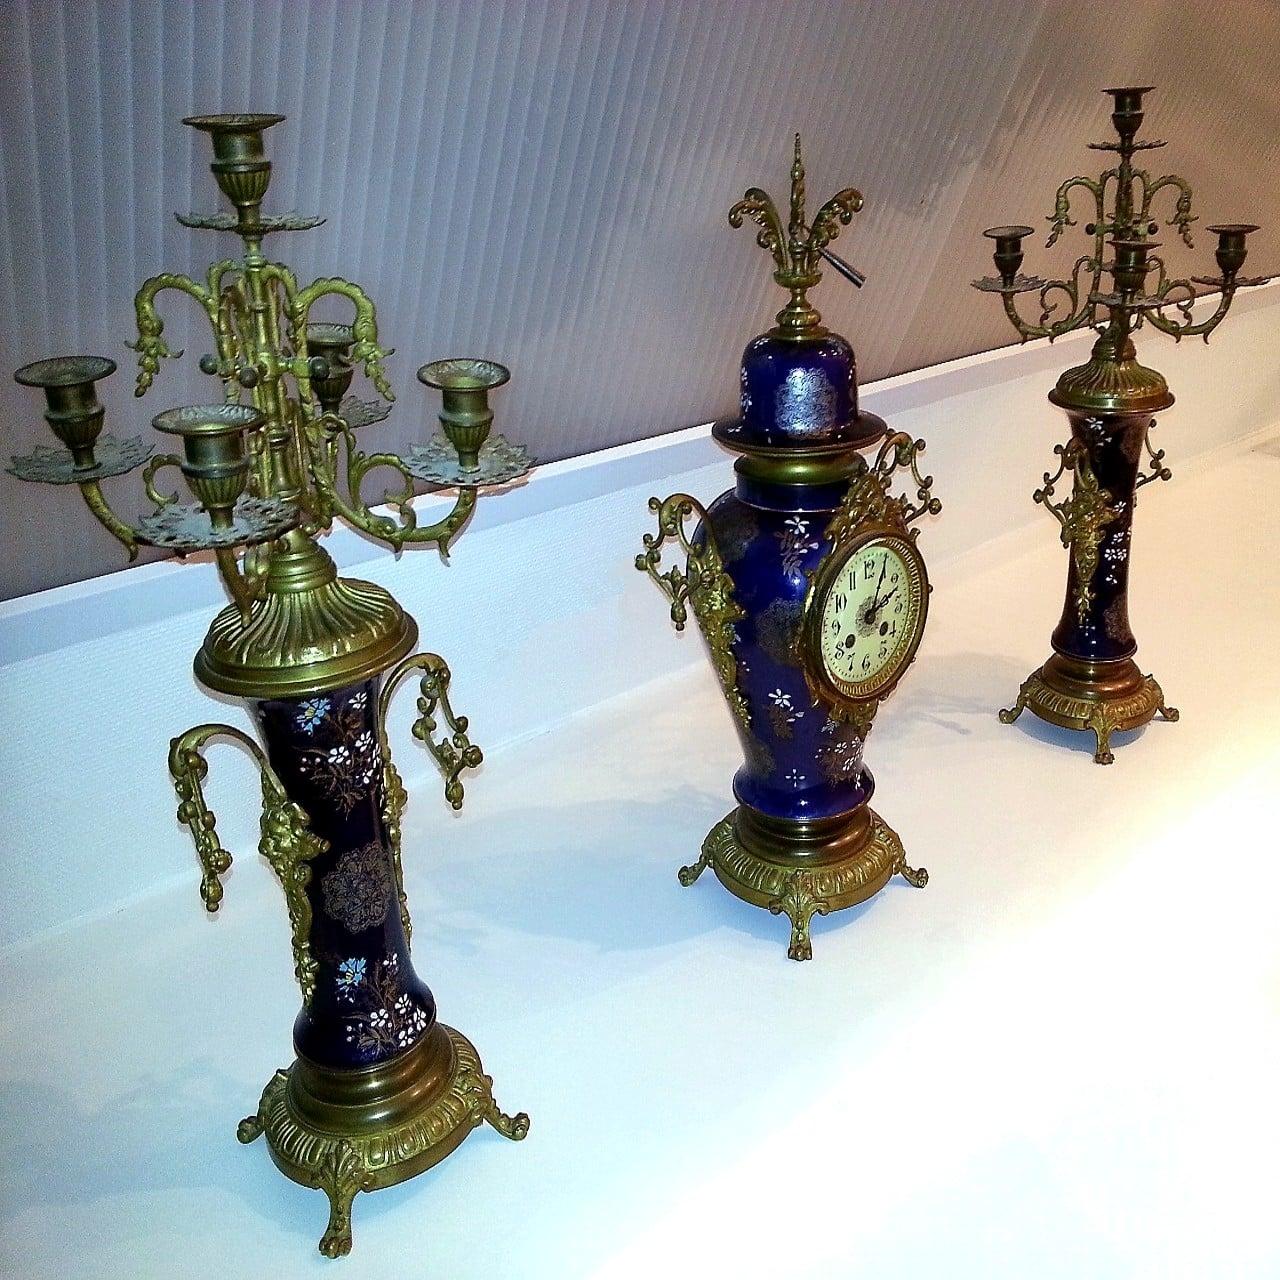 chandeliers-horloge_01x